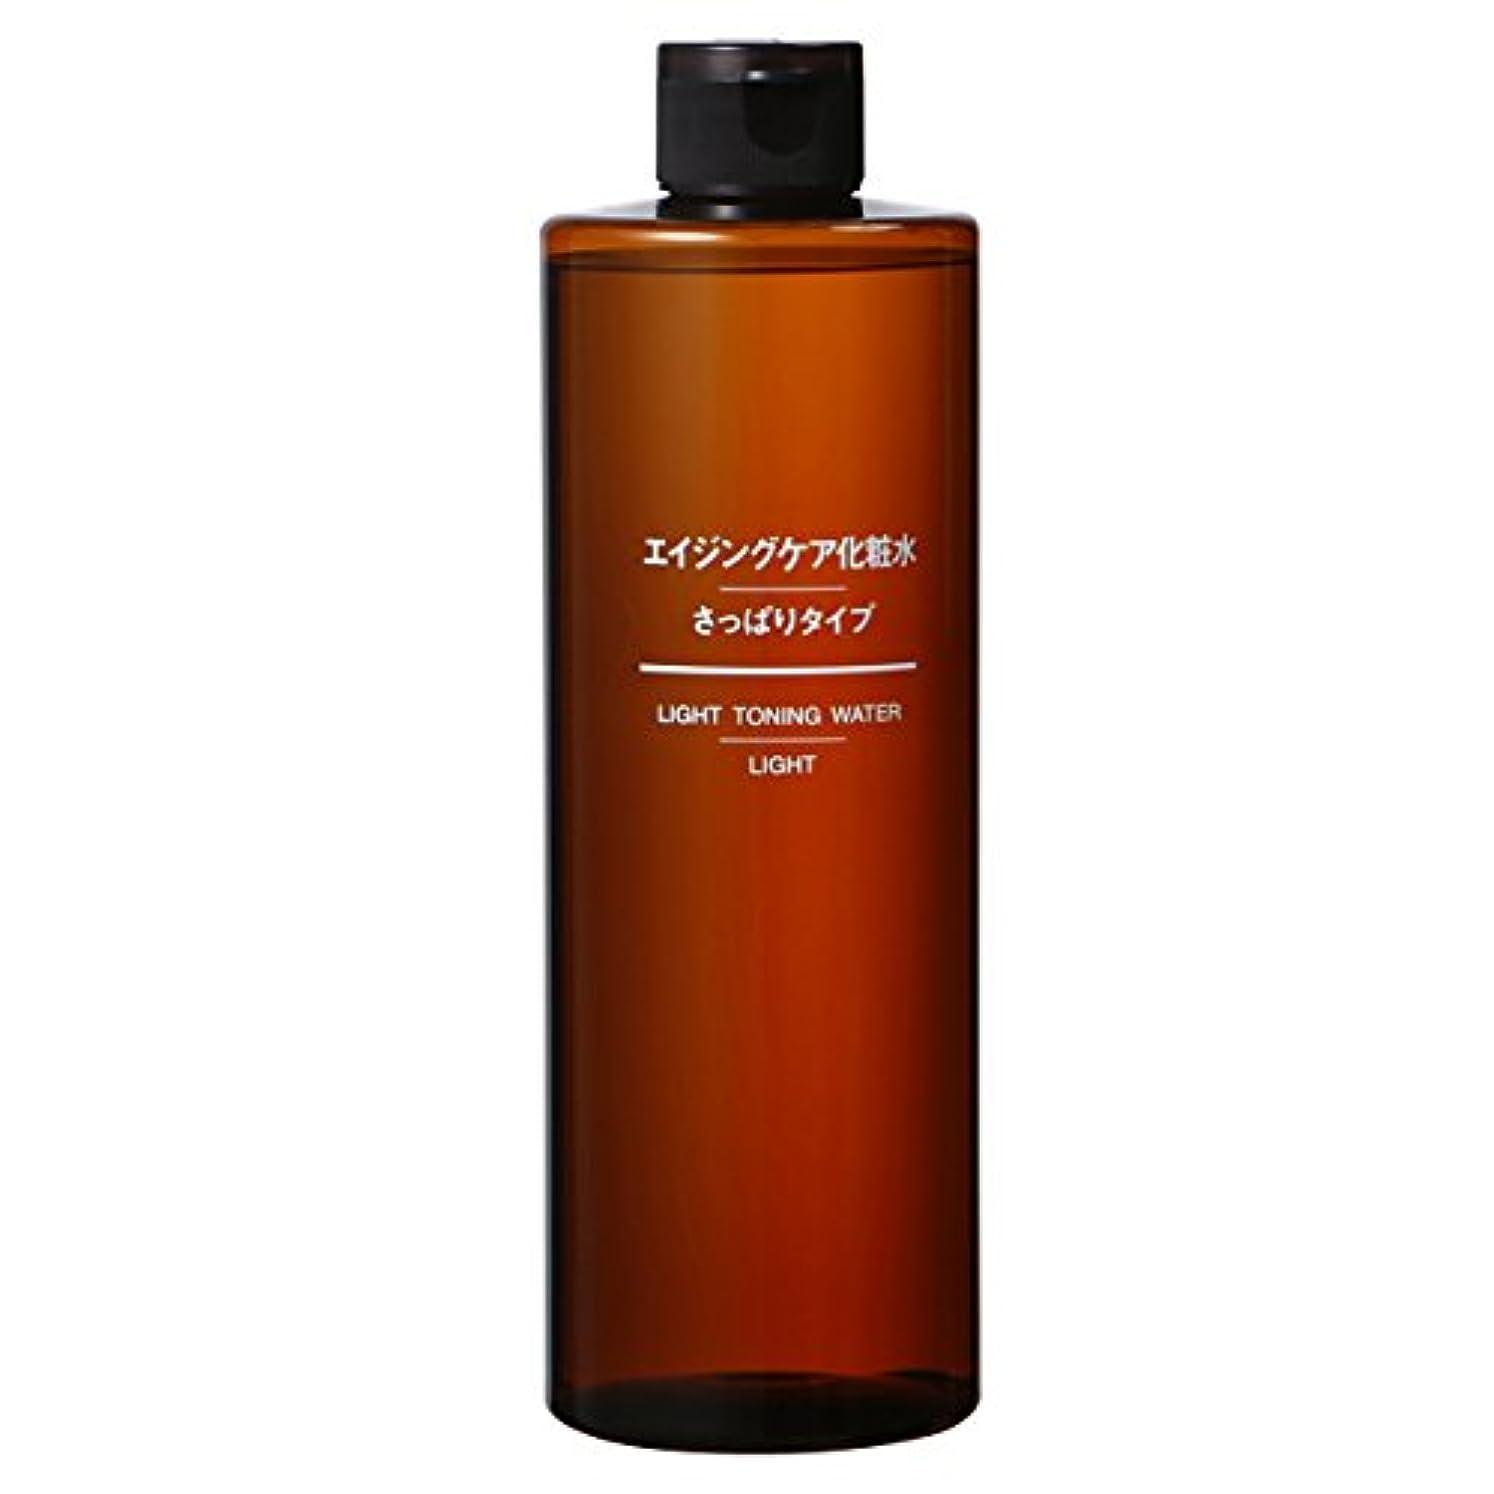 硬さ純粋な命令無印良品 エイジングケア化粧水?さっぱりタイプ(大容量) 400ml